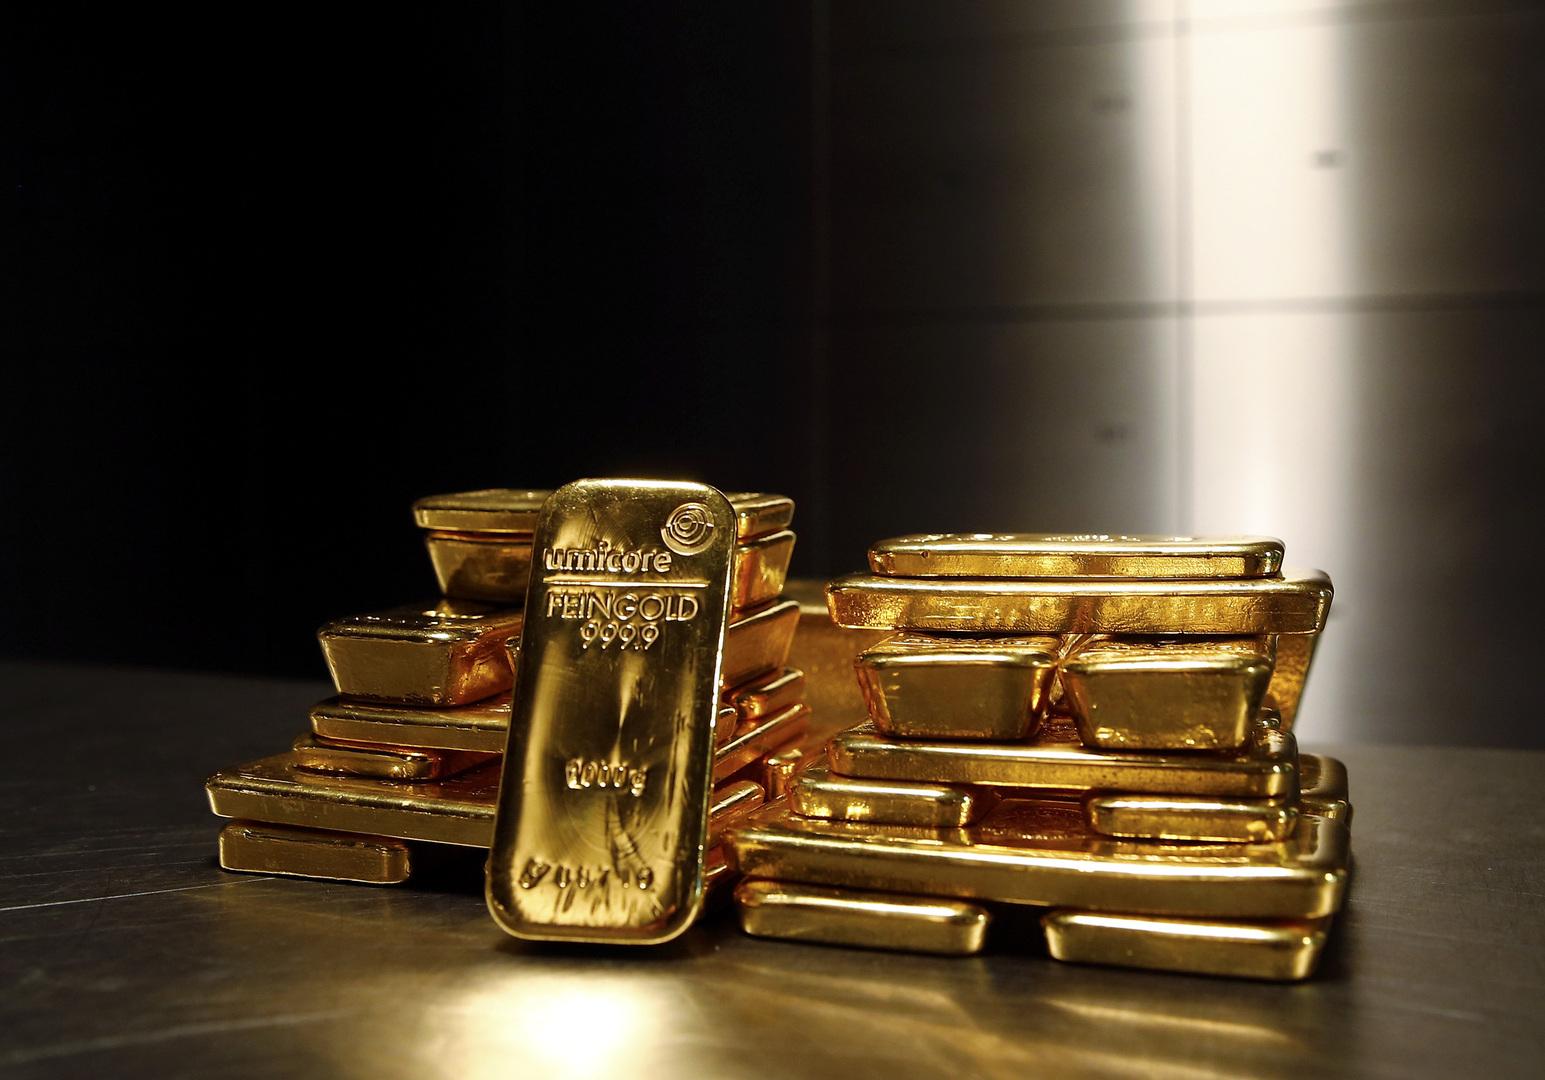 تركيا.. اكتشاف كميات كبيرة من الذهب والفضة